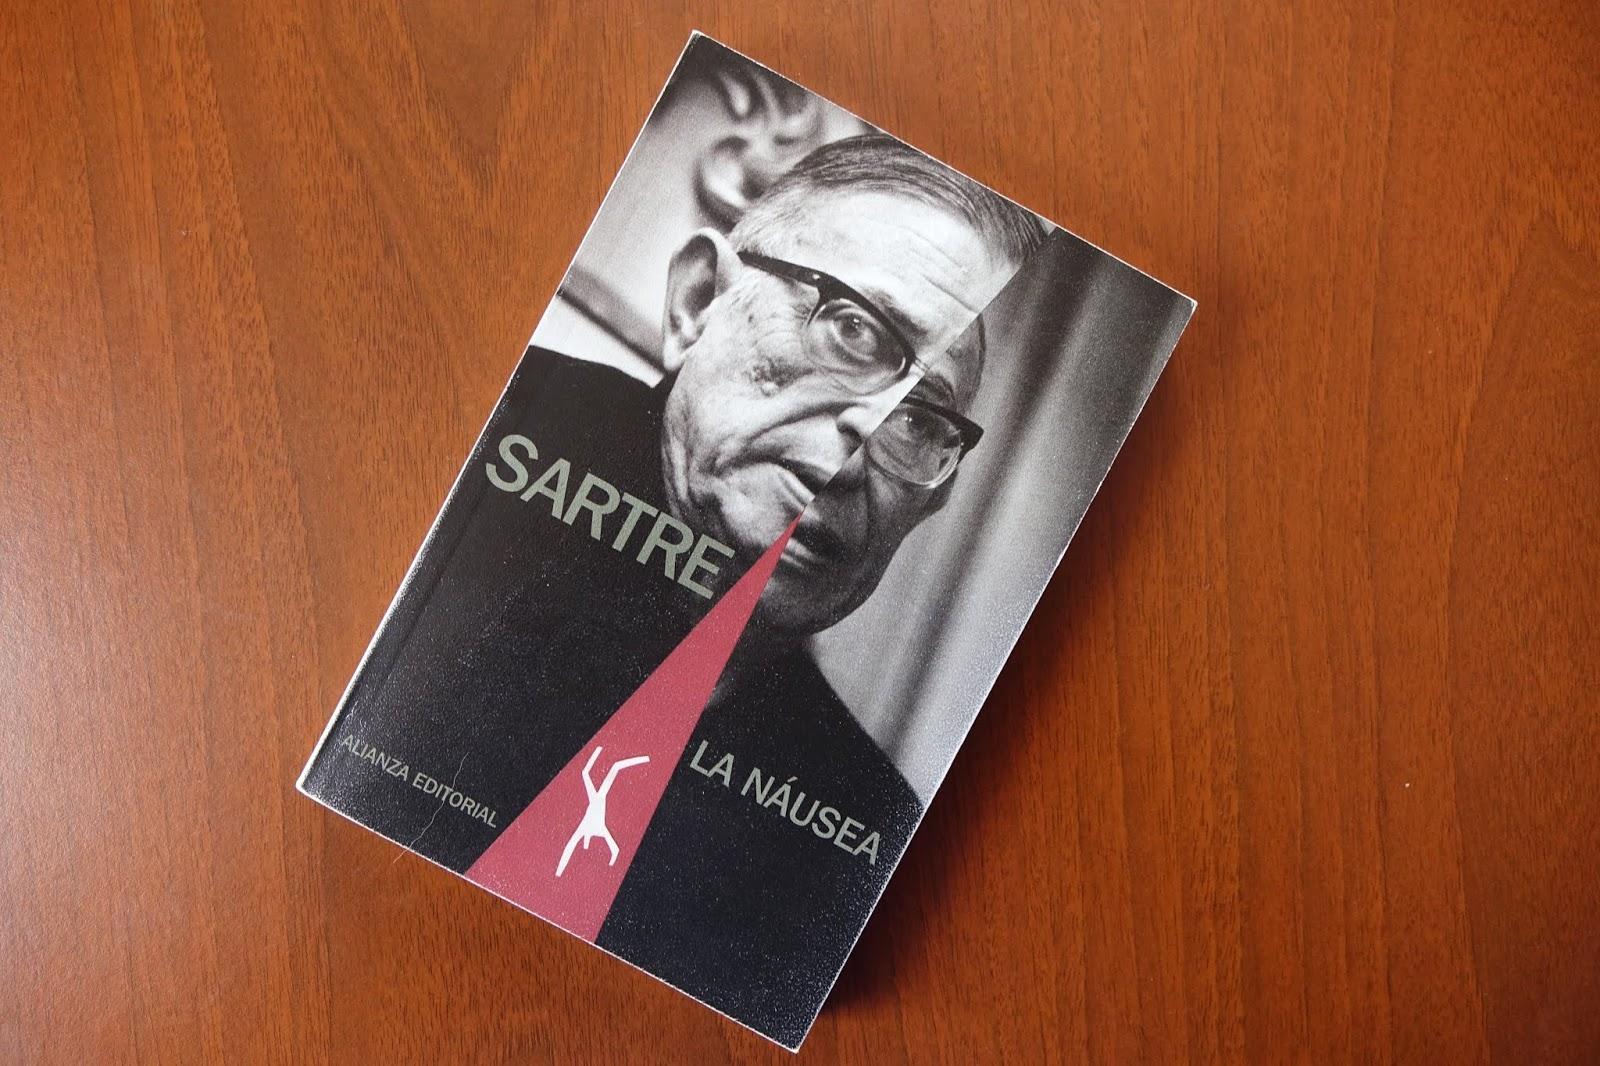 Elige Un Libro La Náusea De Sartre Frases Citas Quotes